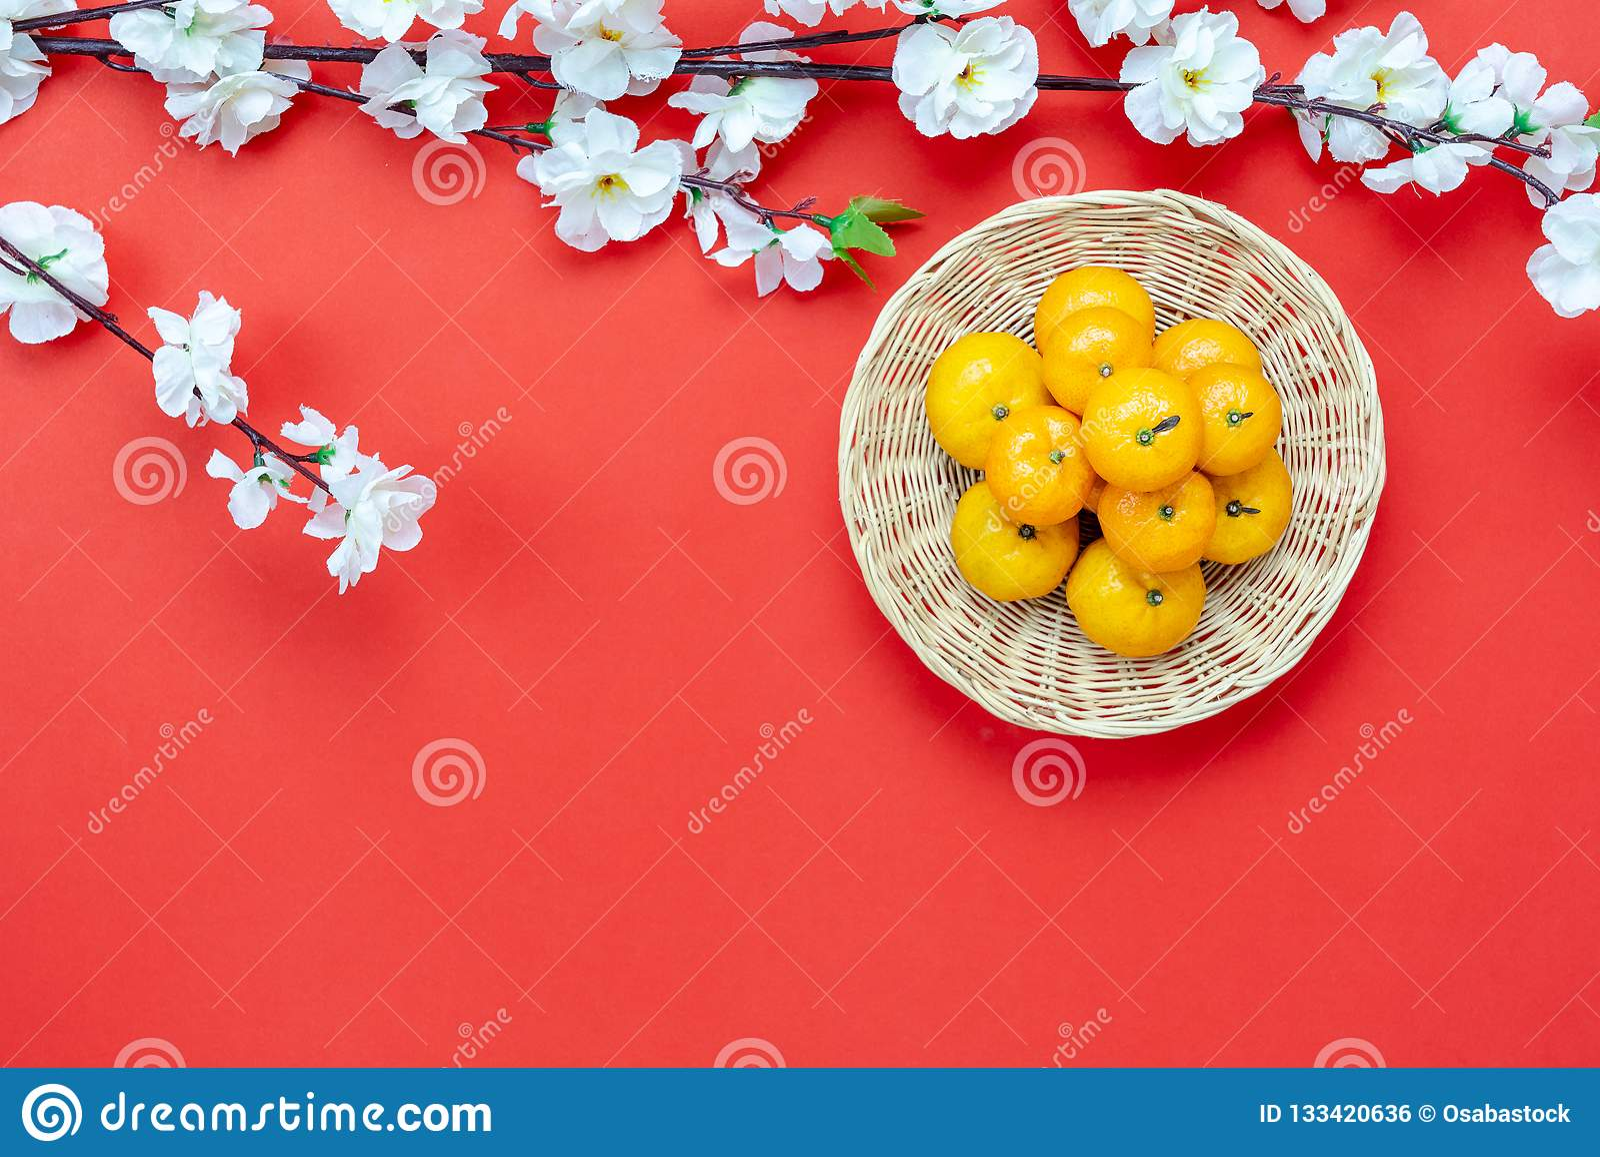 Tir année chinoise de décoration de disposition de nouvelle et de concept lunaire de fond de vacances de nouvelle année